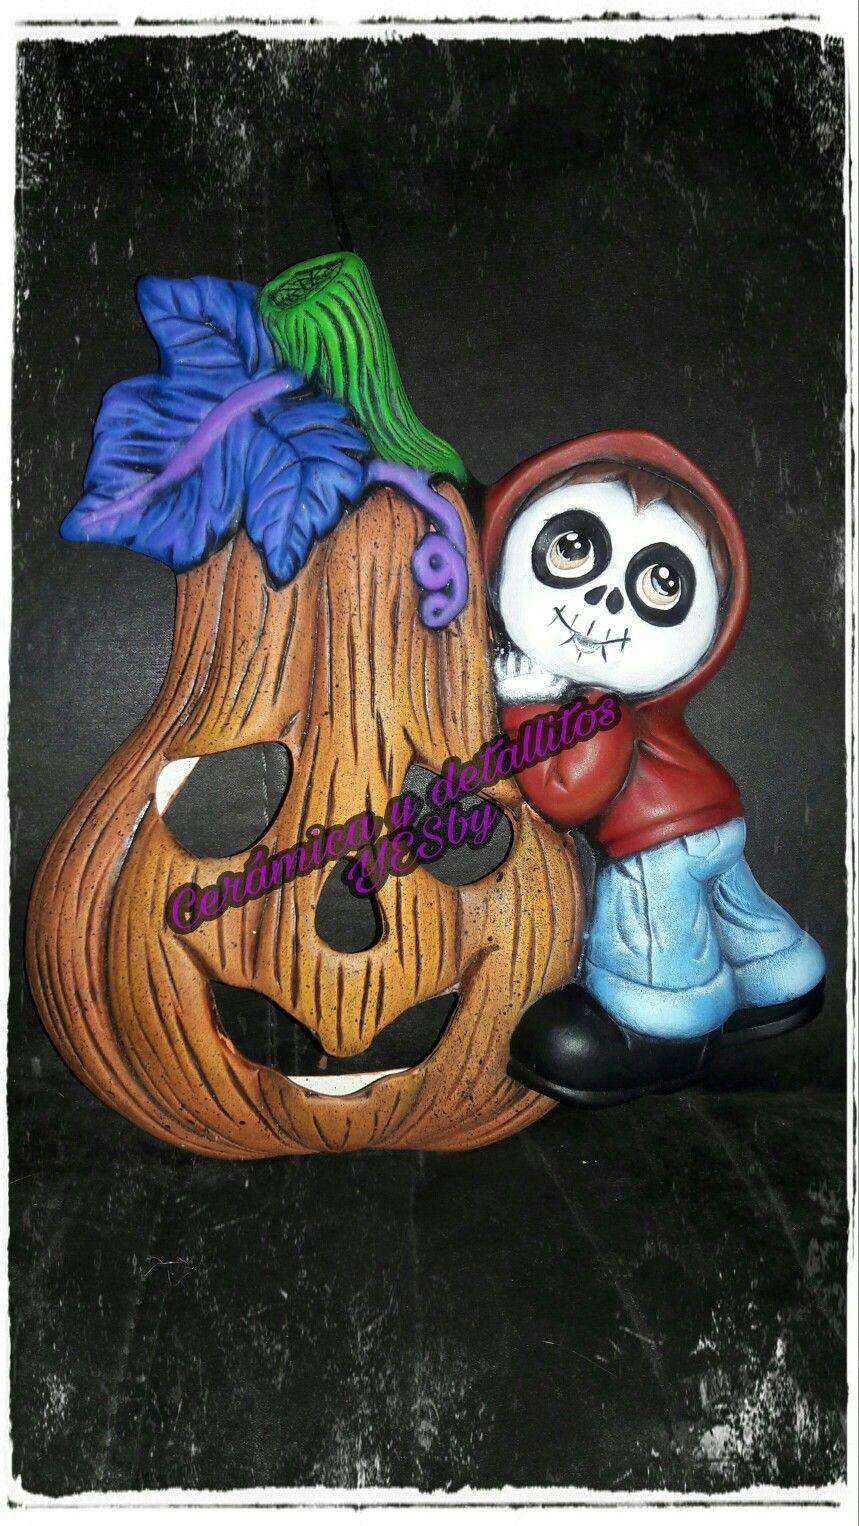 Miguel con calabaza de ceramica Adornos halloween